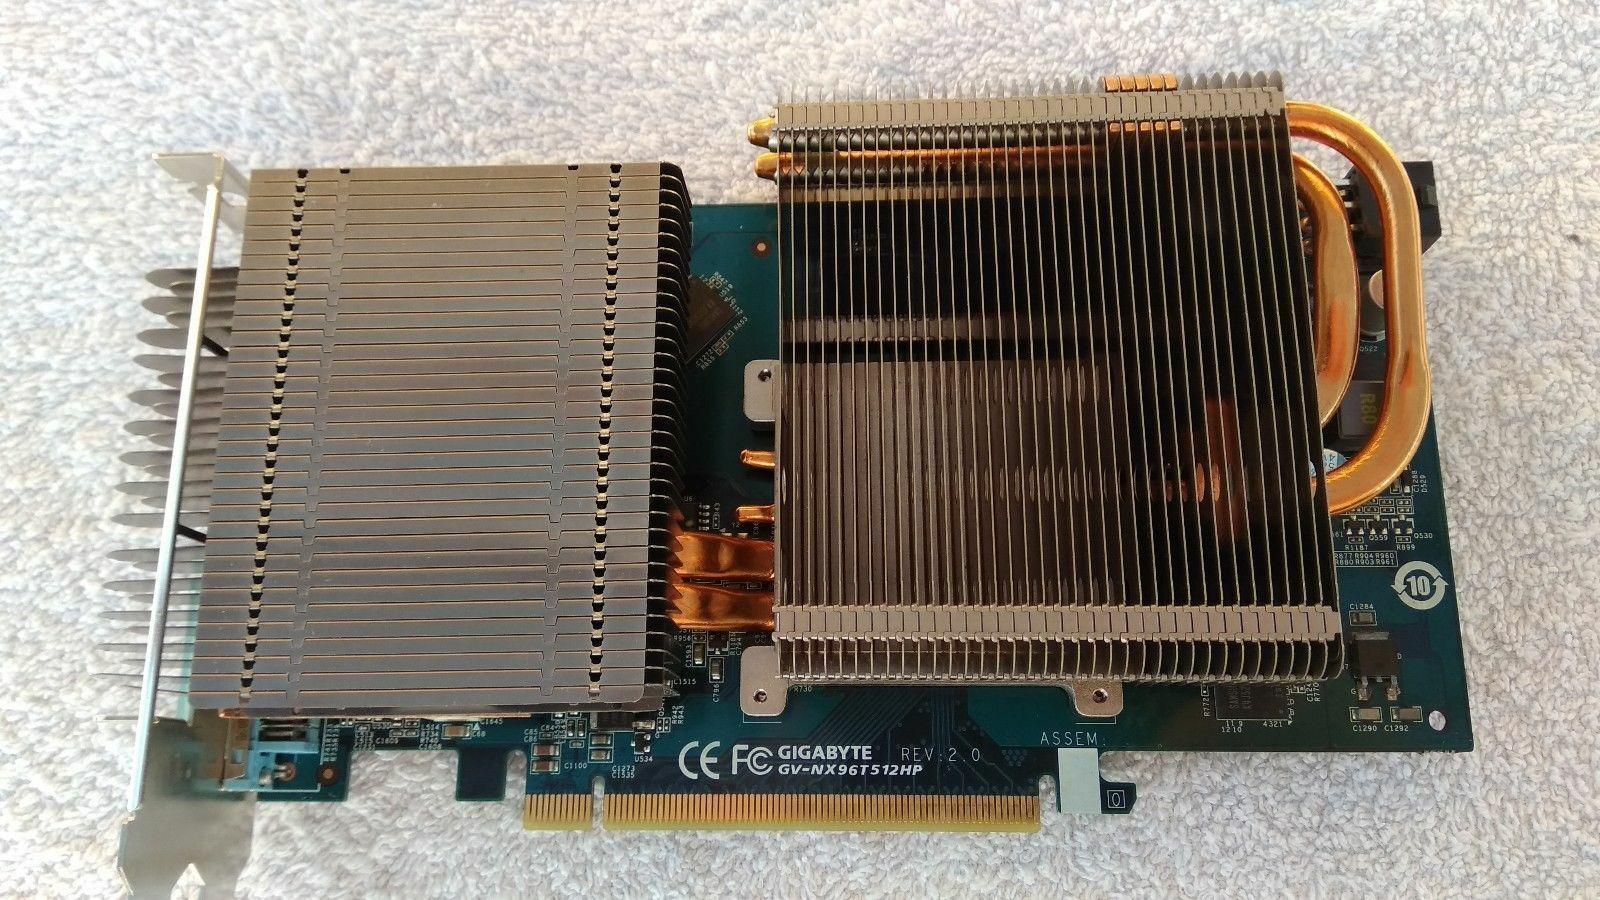 Gigabyte GV-NX96T512HP NVIDIA GeForce 9600 GT 512MB GDDR3 Fanless Cooling GRA18